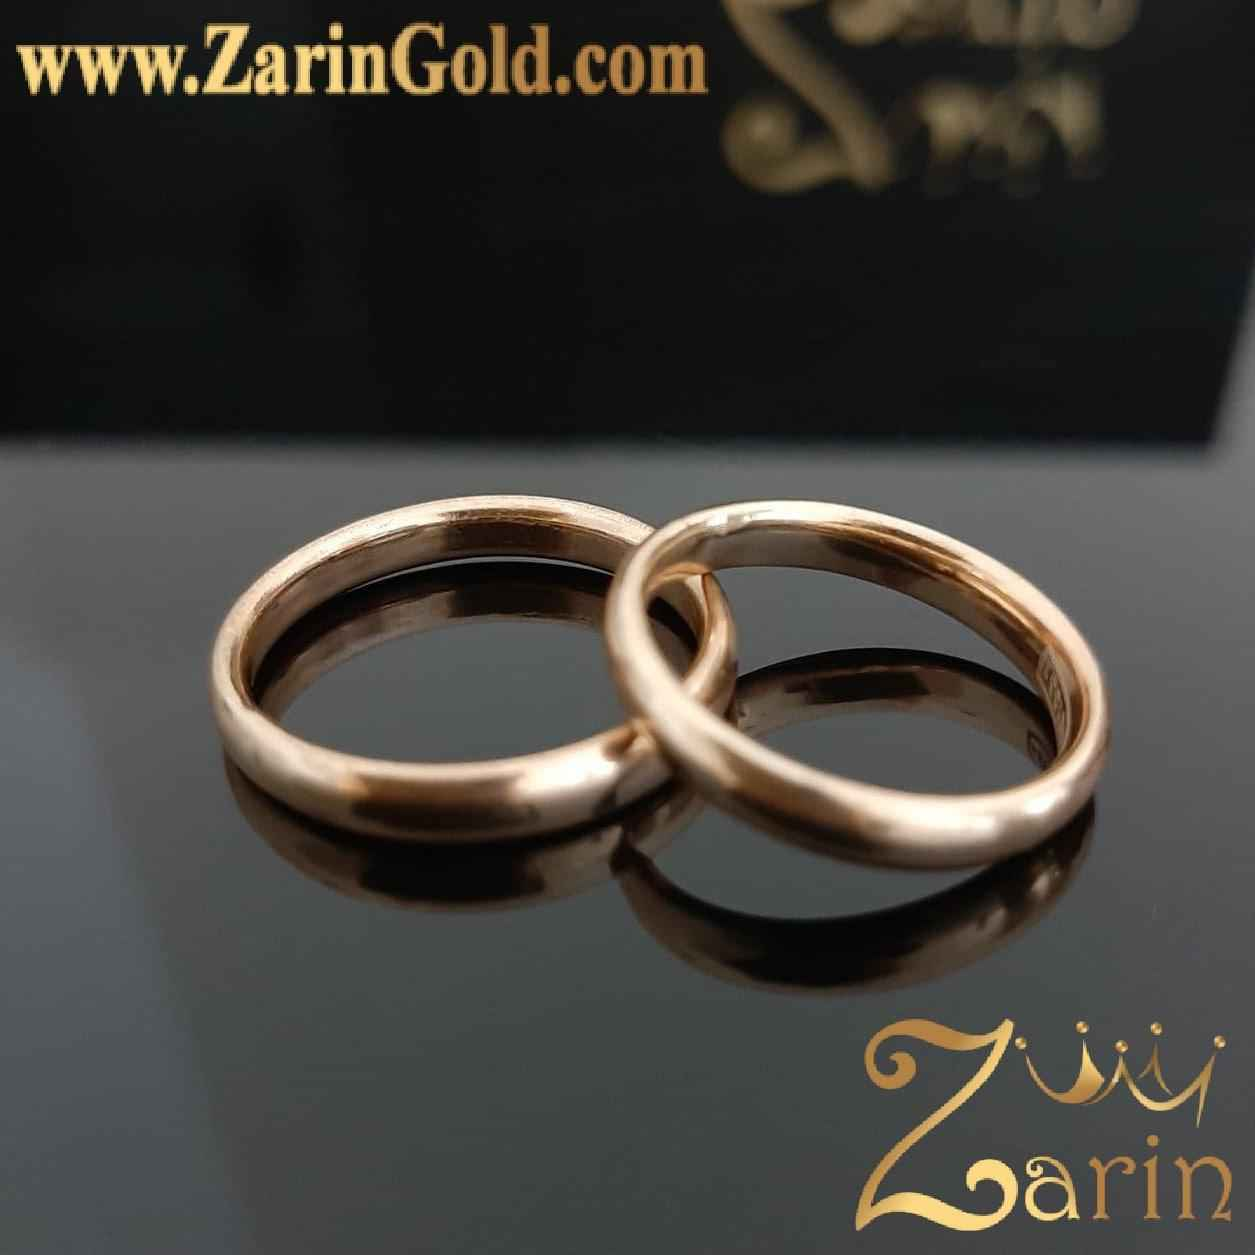 حلقه ازدواج و نامزدی ظریف